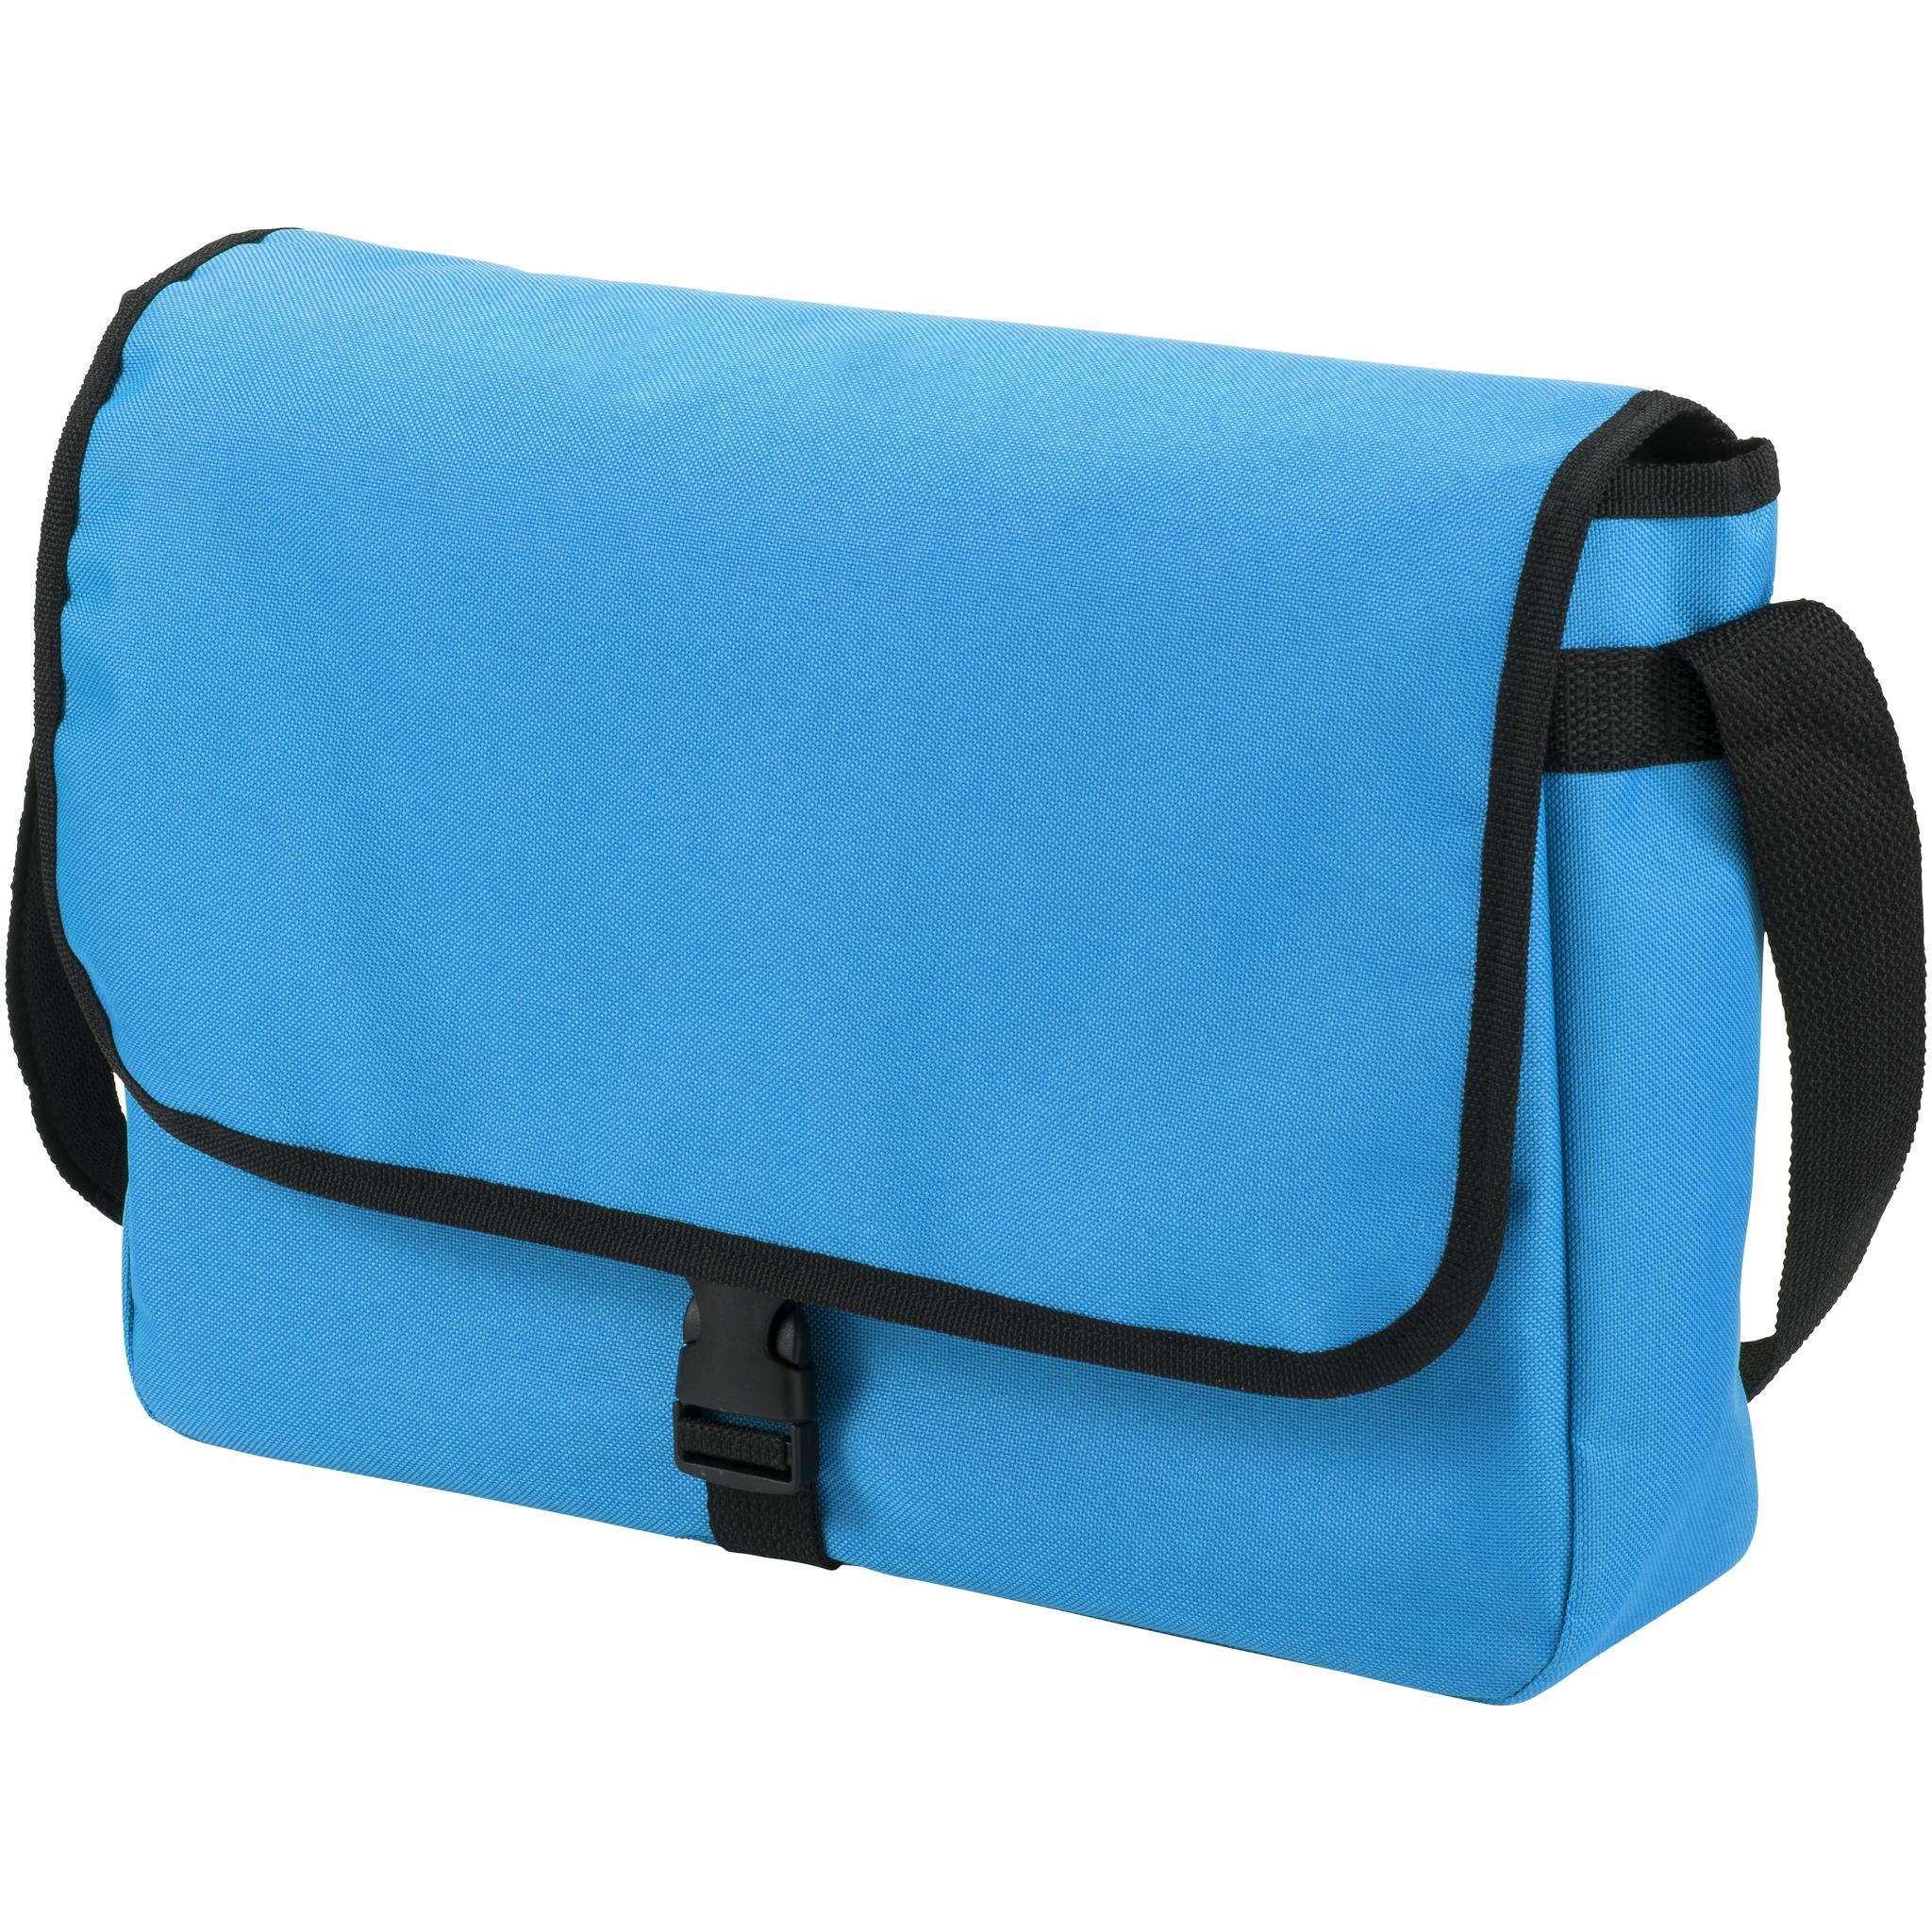 Bullet Omaha Shoulder Bag (34 x 8.5 x 25cm) (Aqua Blue)